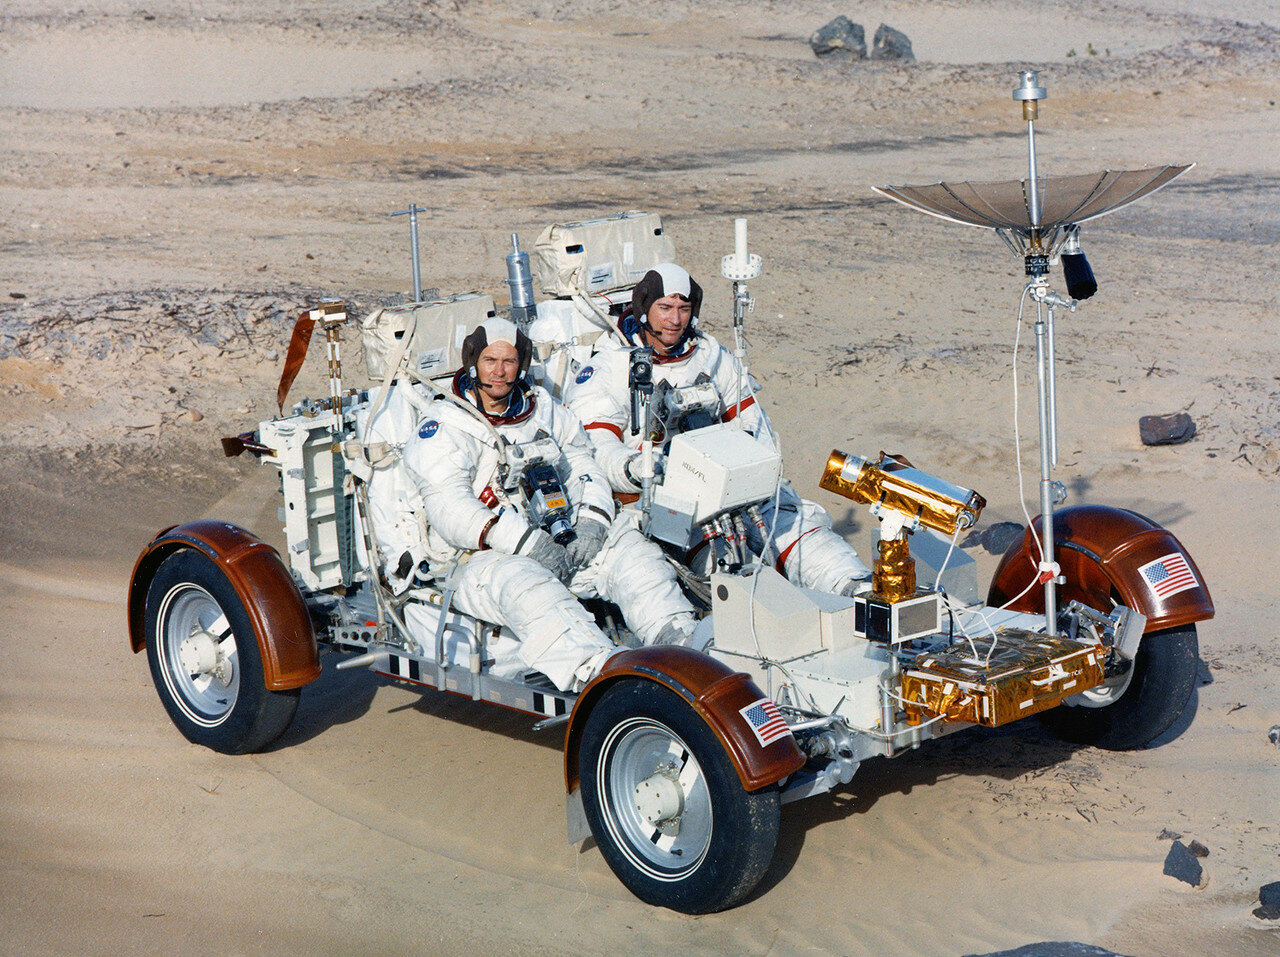 13 декабря 1971 года связка ракета-носитель Сатурн-5 — «Аполлон-16» была перевезена из здания вертикальной сборки на стартовую площадку 39-А . На снимке: Испытания Лунного Ровера в пустыне